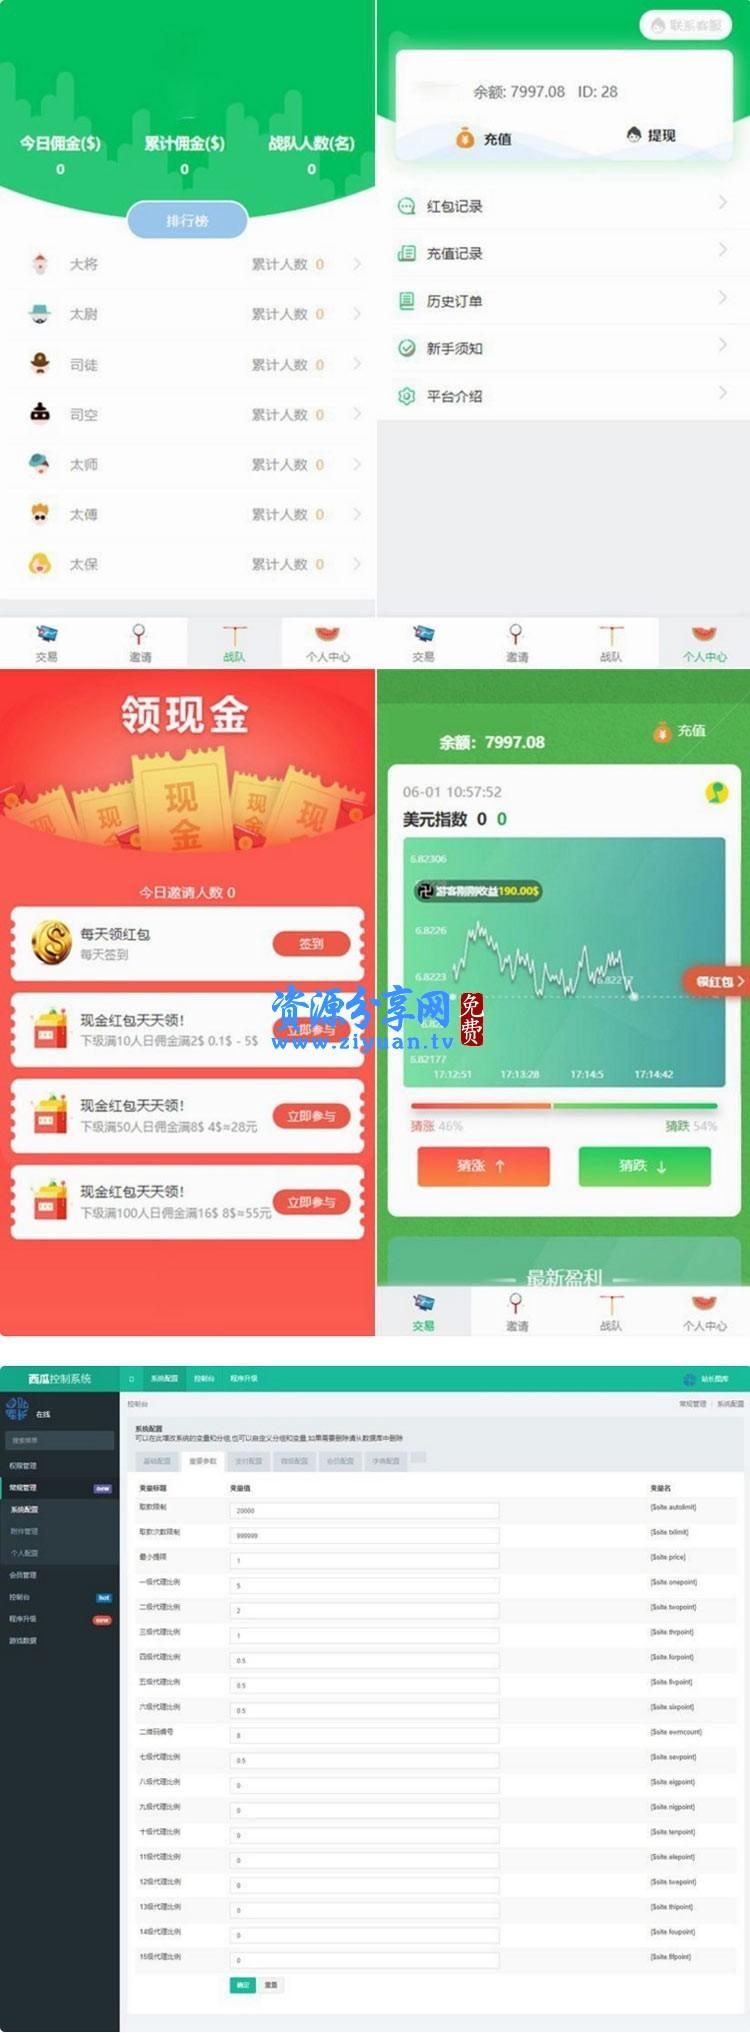 西瓜小清新币圈免公众号版+对接支付+推广 K 线正常完美源码